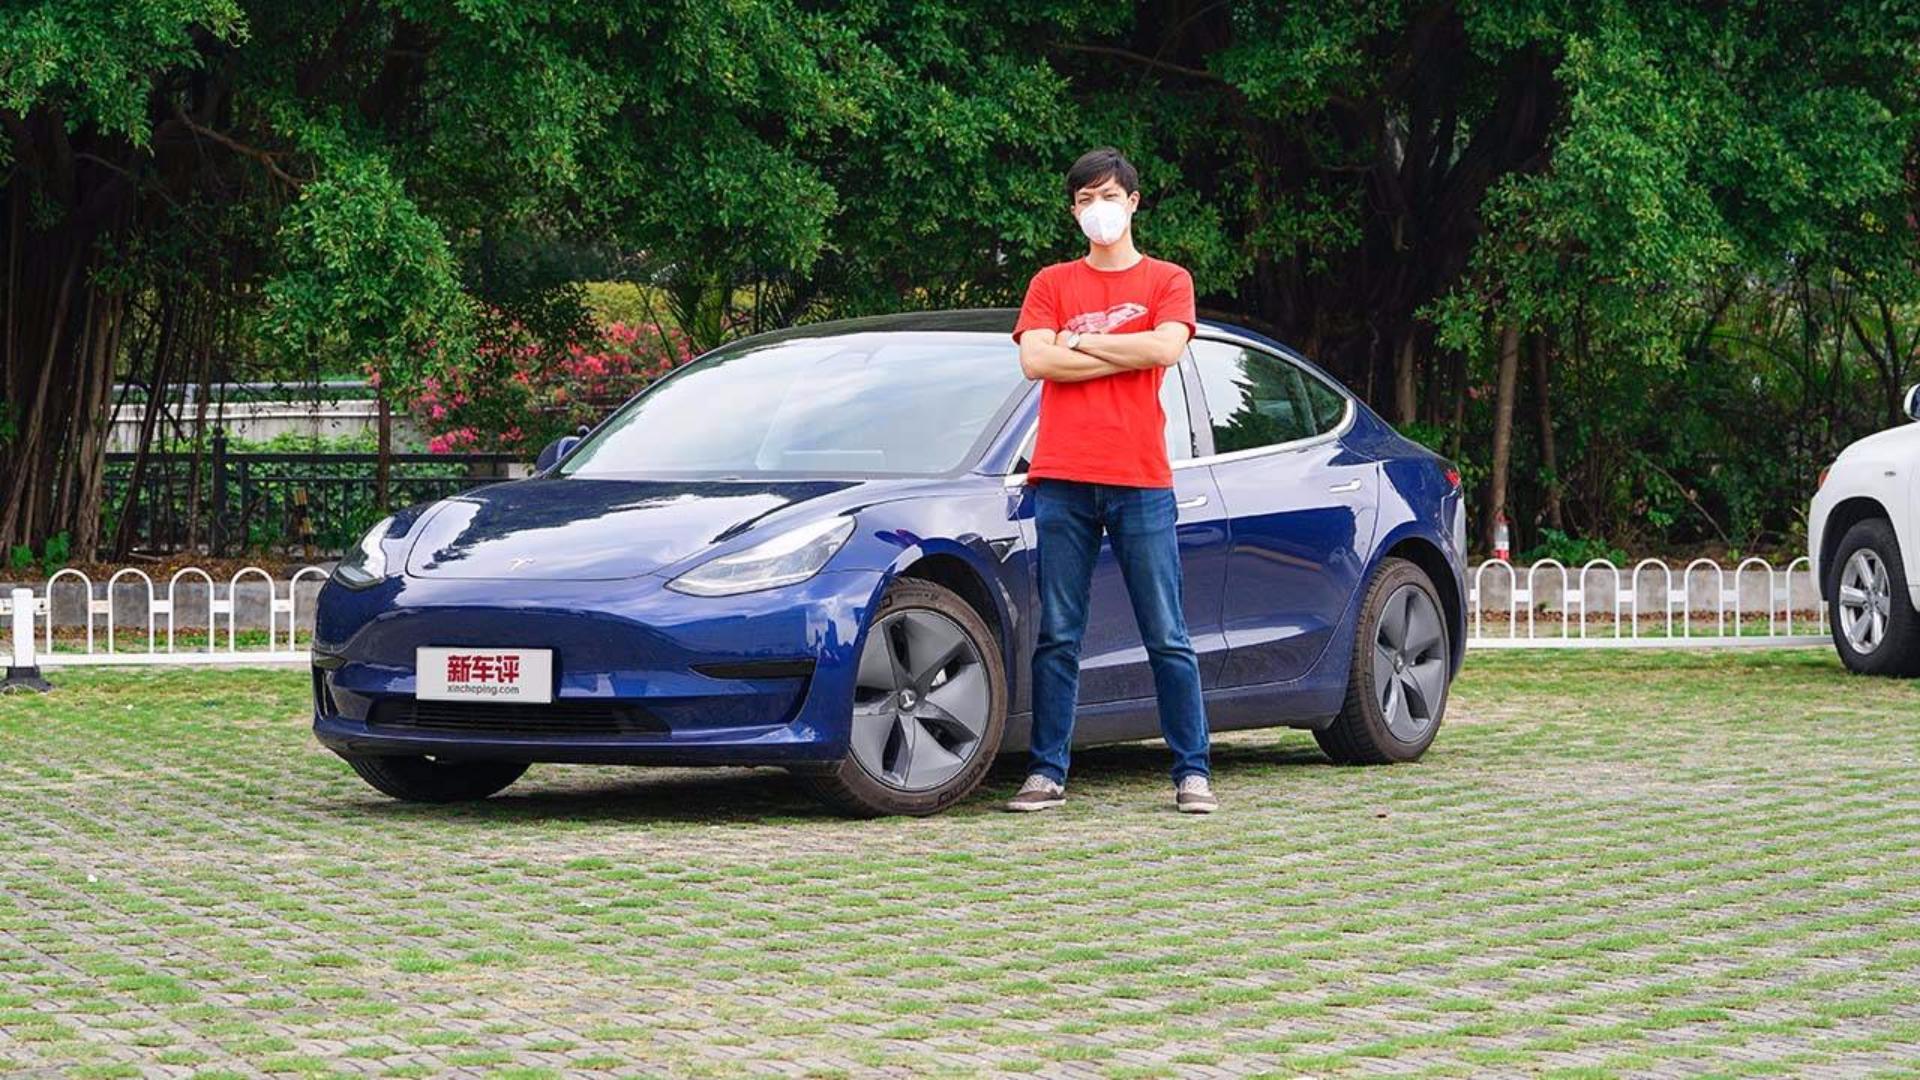 29万元就能买到的未来体验 国产特斯拉Model 3它不香吗?